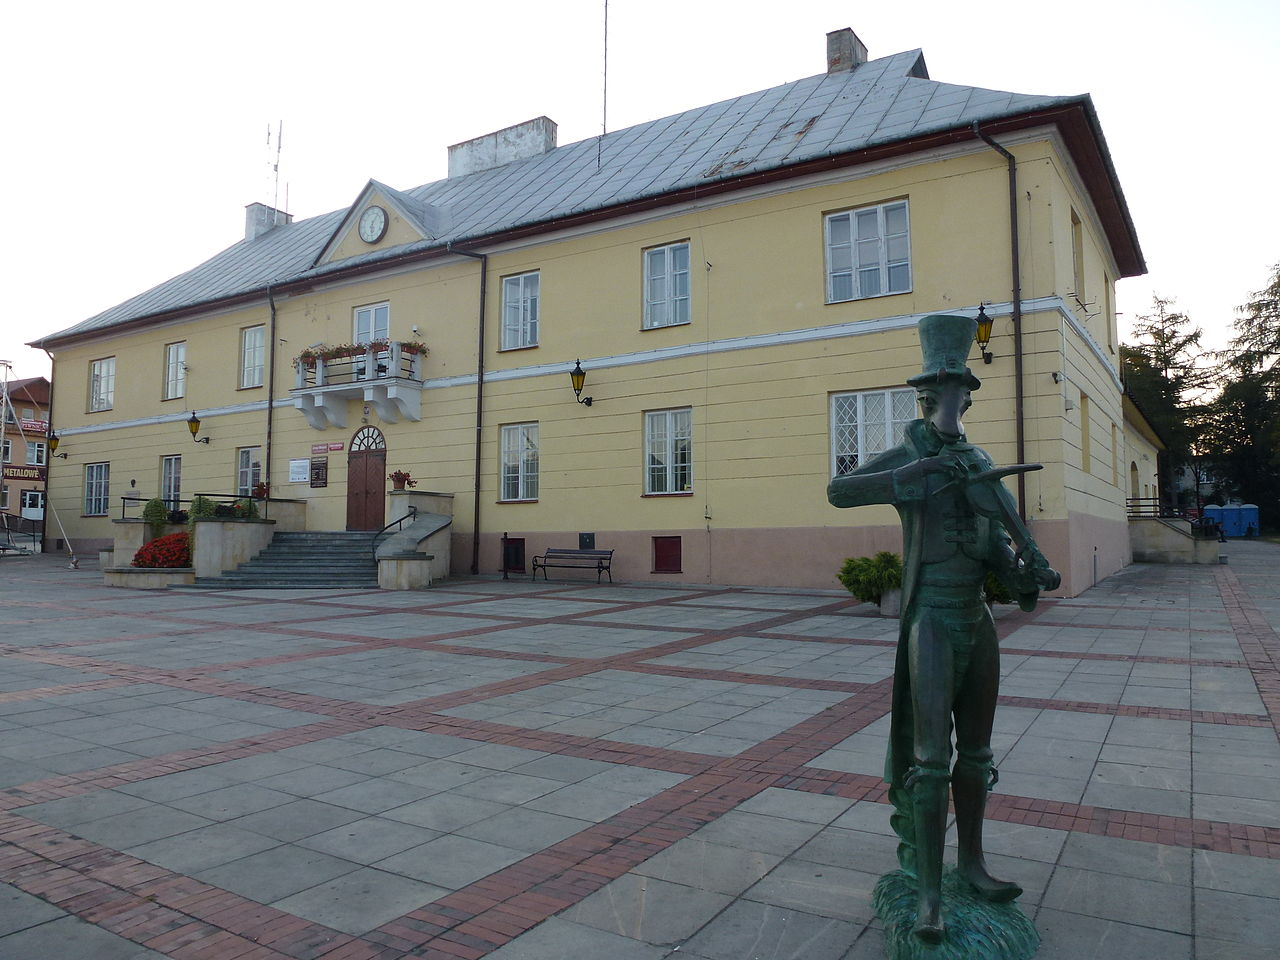 Pomnik chrząszcza natle ratusza (pl.T. Kościuszki)